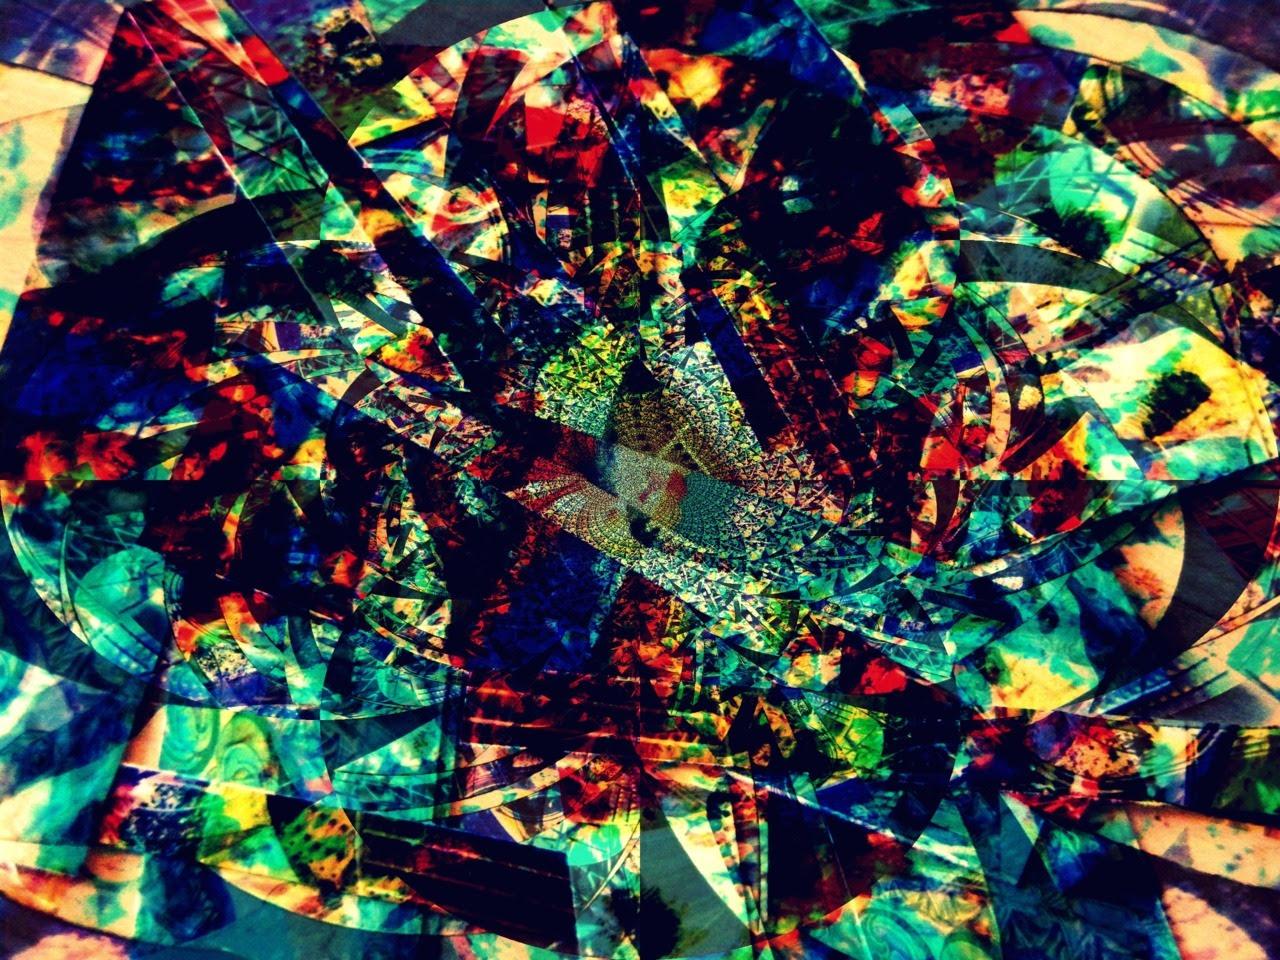 http://25.media.tumblr.com/tumblr_lpvj5xLNWx1qgil7eo1_1280.jpg